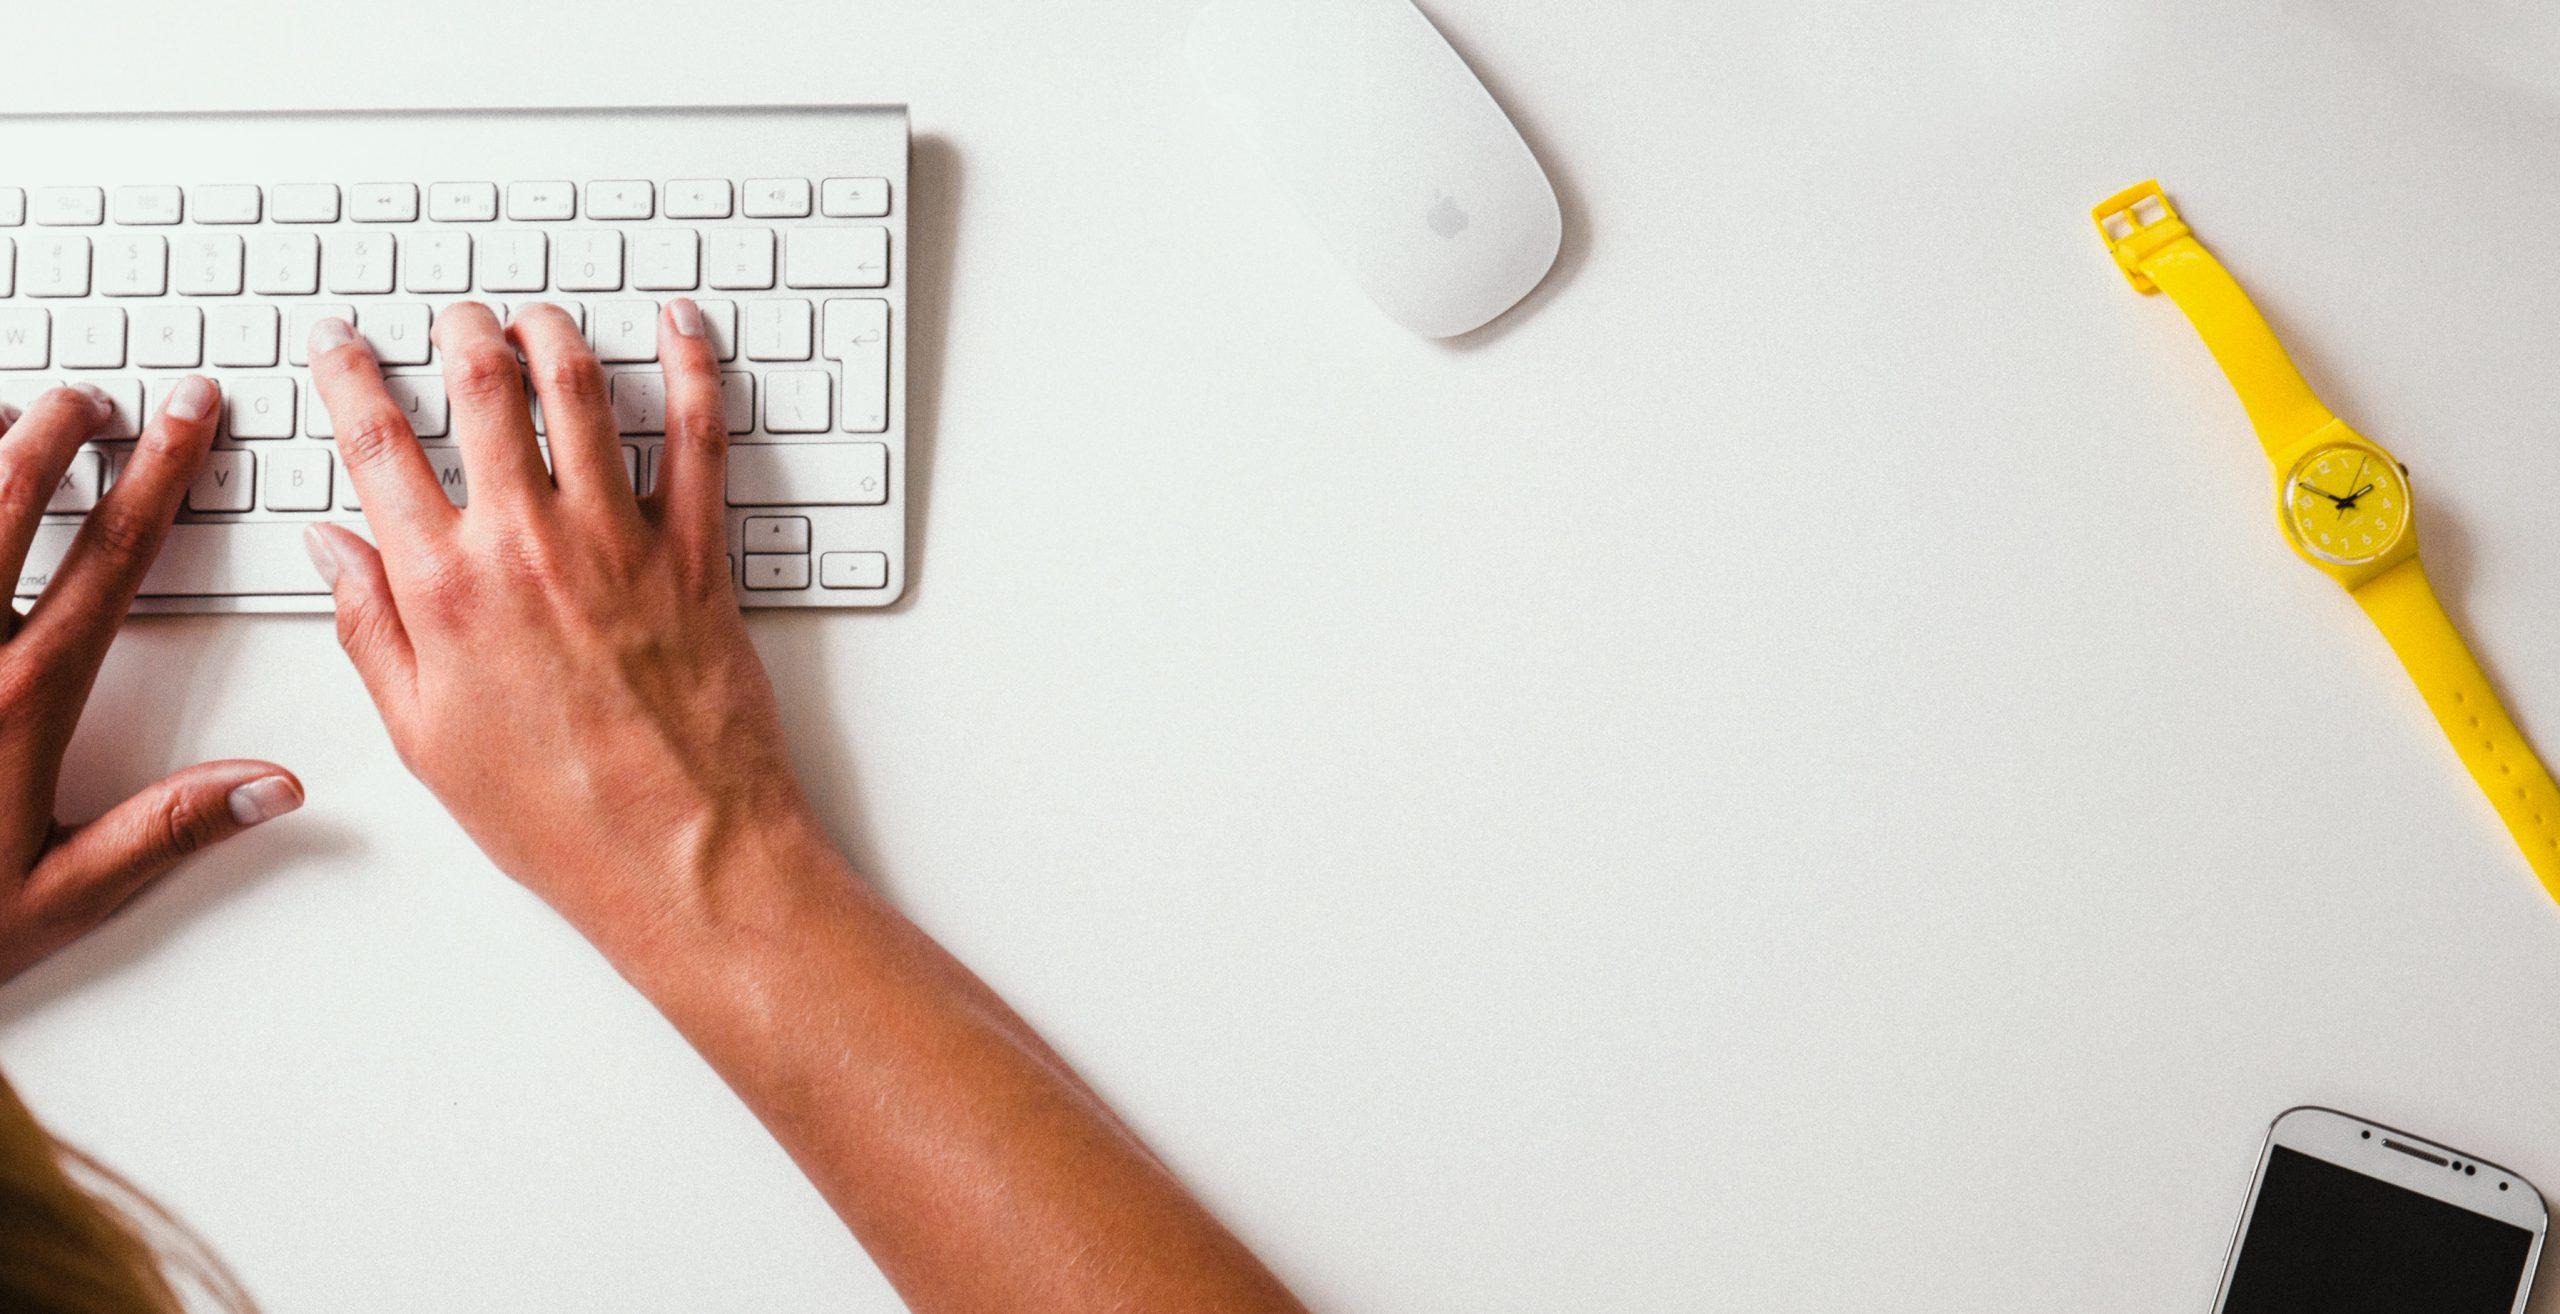 essential keyboard shortcuts